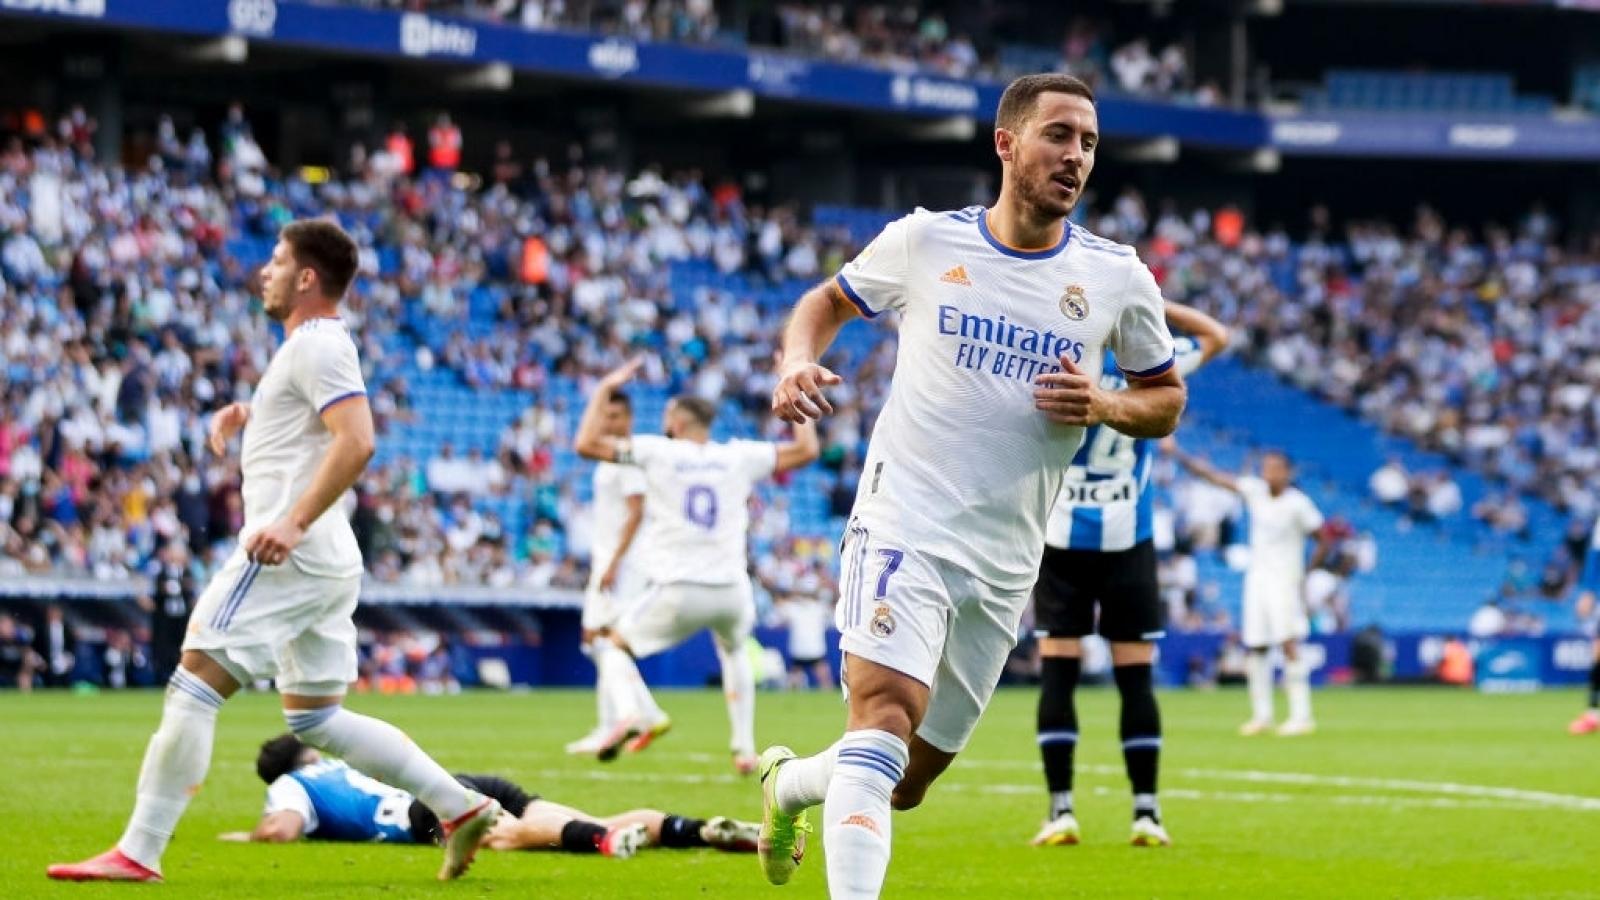 Hazard và những ngôi sao chuẩn bị có lần đầu đá siêu kinh điển Barca - Real